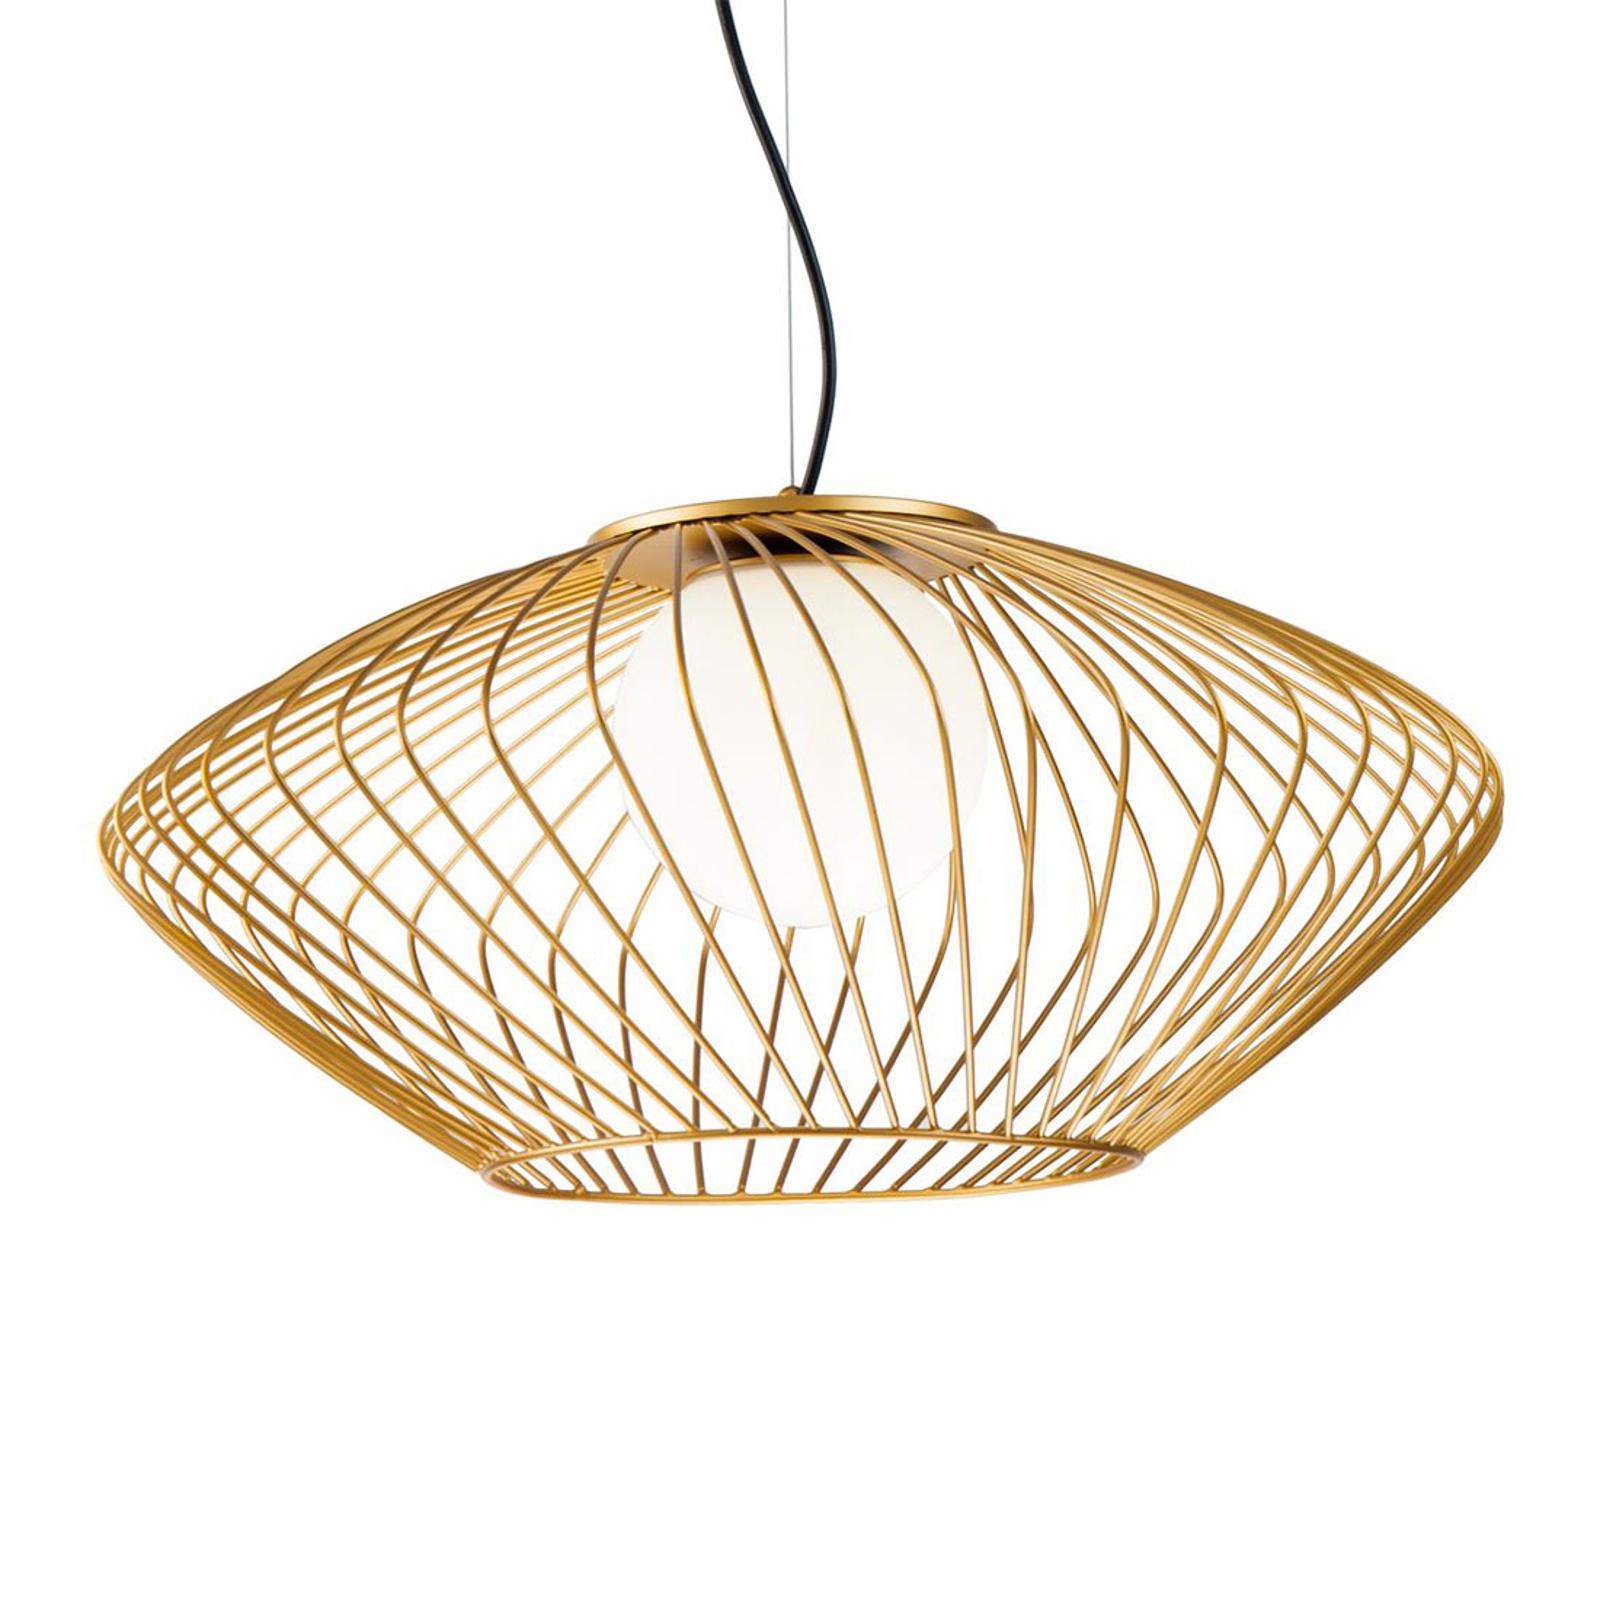 lampa wisząca Plec z kloszem klatkowym złotym